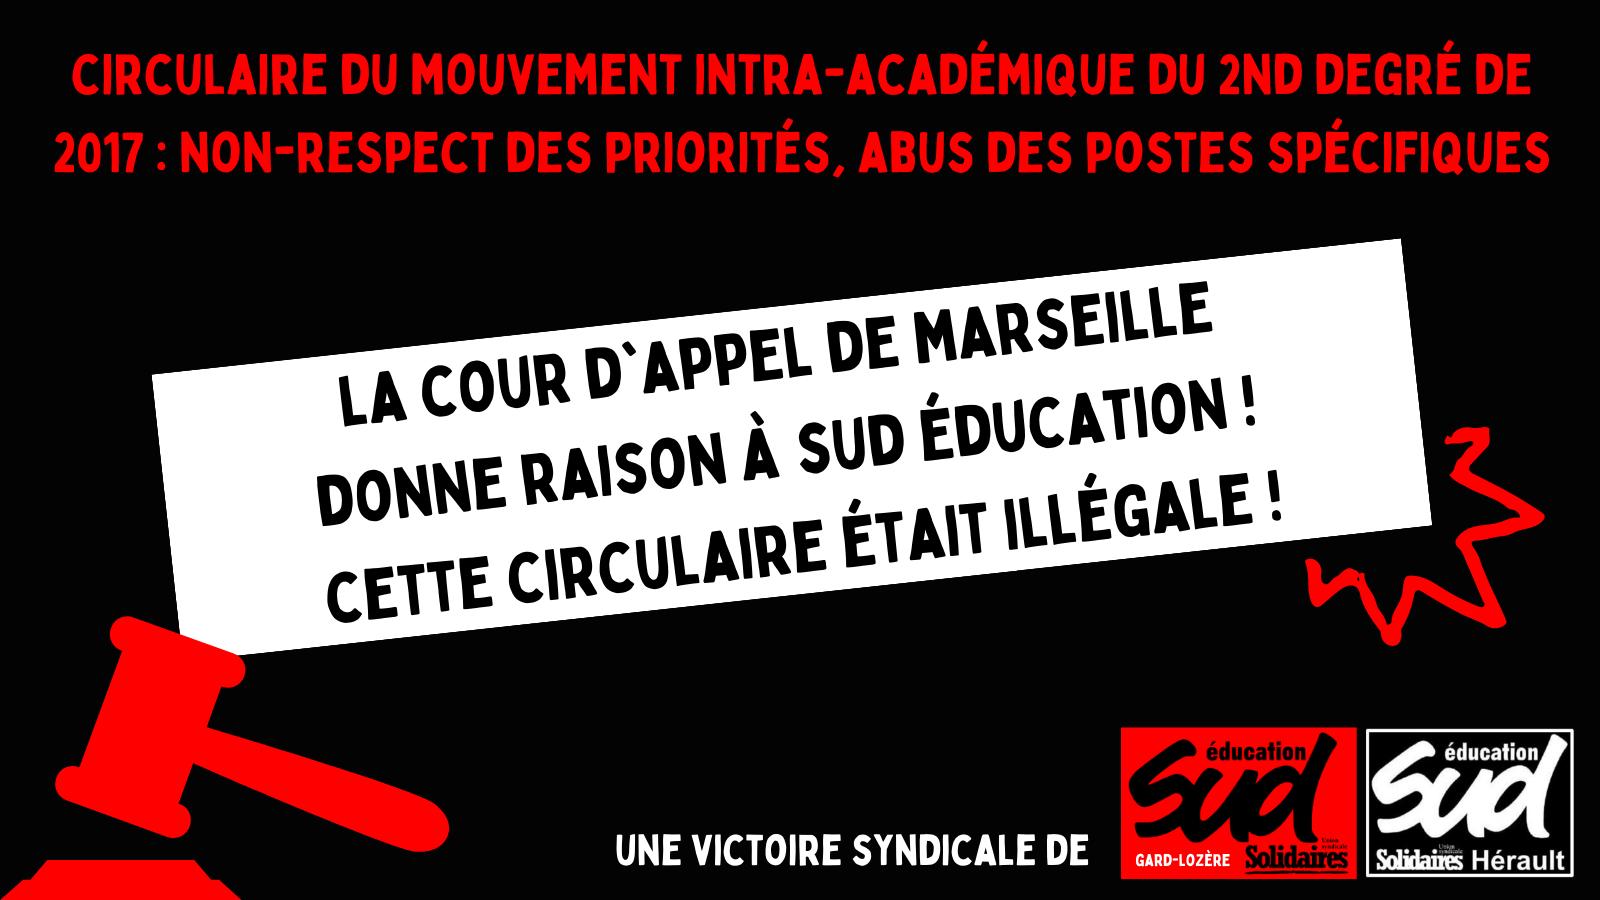 Attaque d'une circulaire du rectorat : la Cour d'appel de Marseille donne raison à SUD éducation !